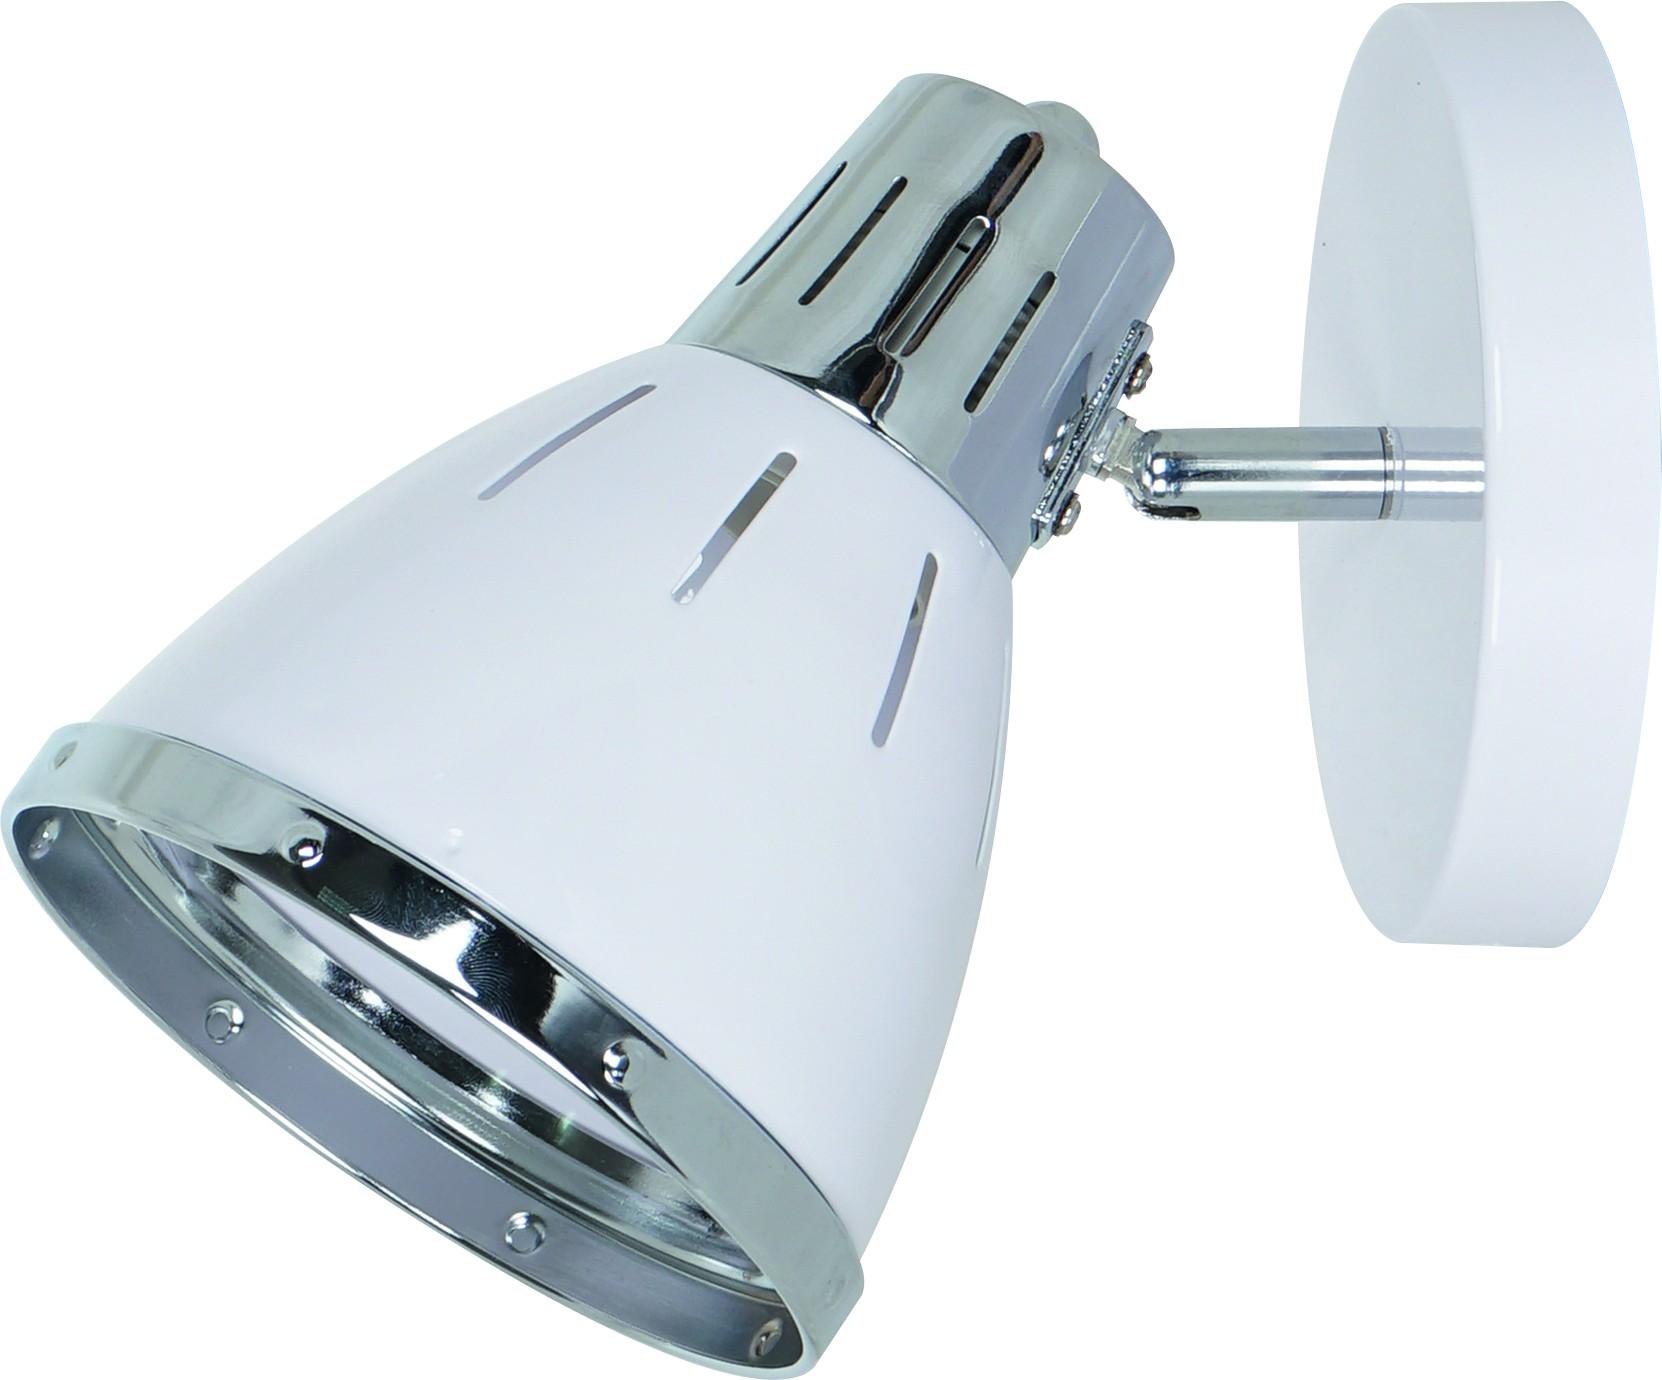 Спот Arte lamp A2215ap-1wh